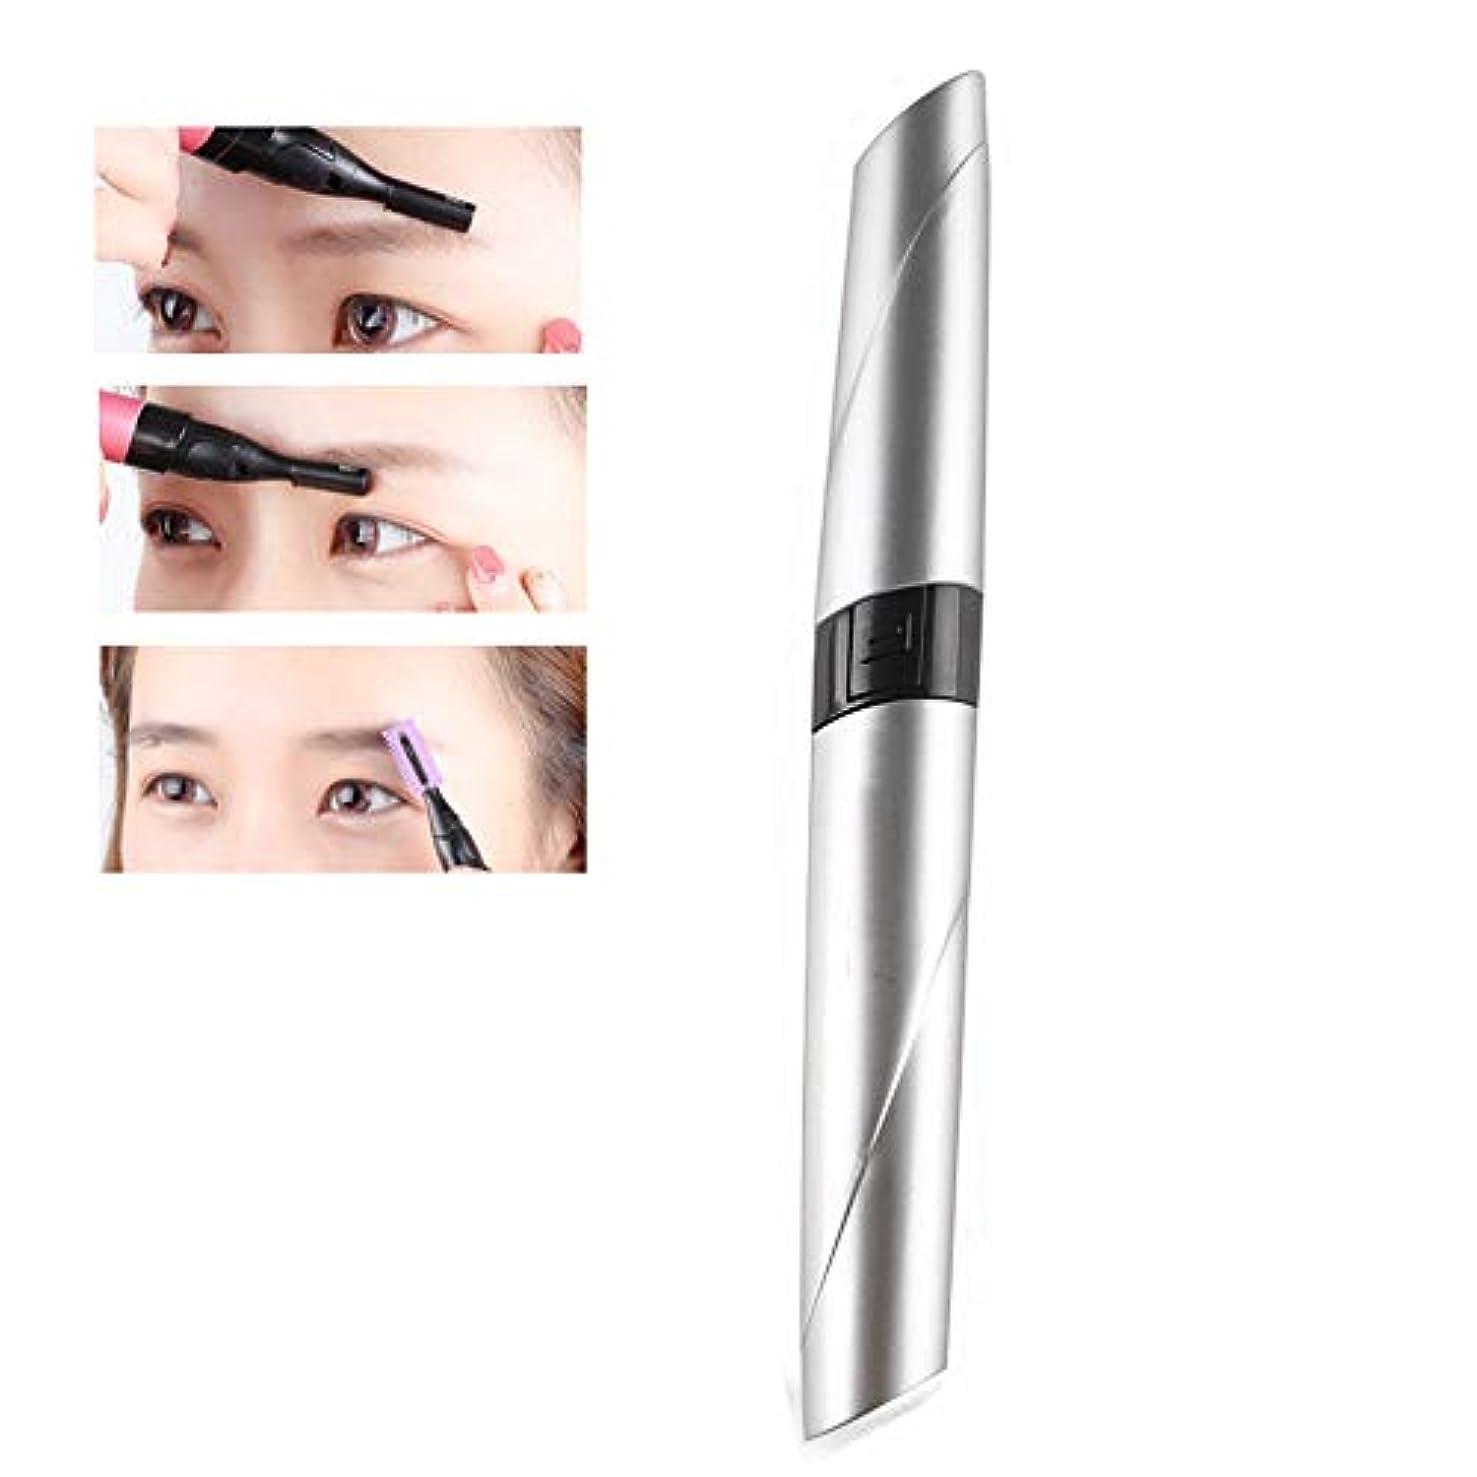 カメ説明するスイッチリップスティックアイブロウトリマー、多機能ポータブル電気女性の顔トリマー(ピンク、レッド、シルバー),銀